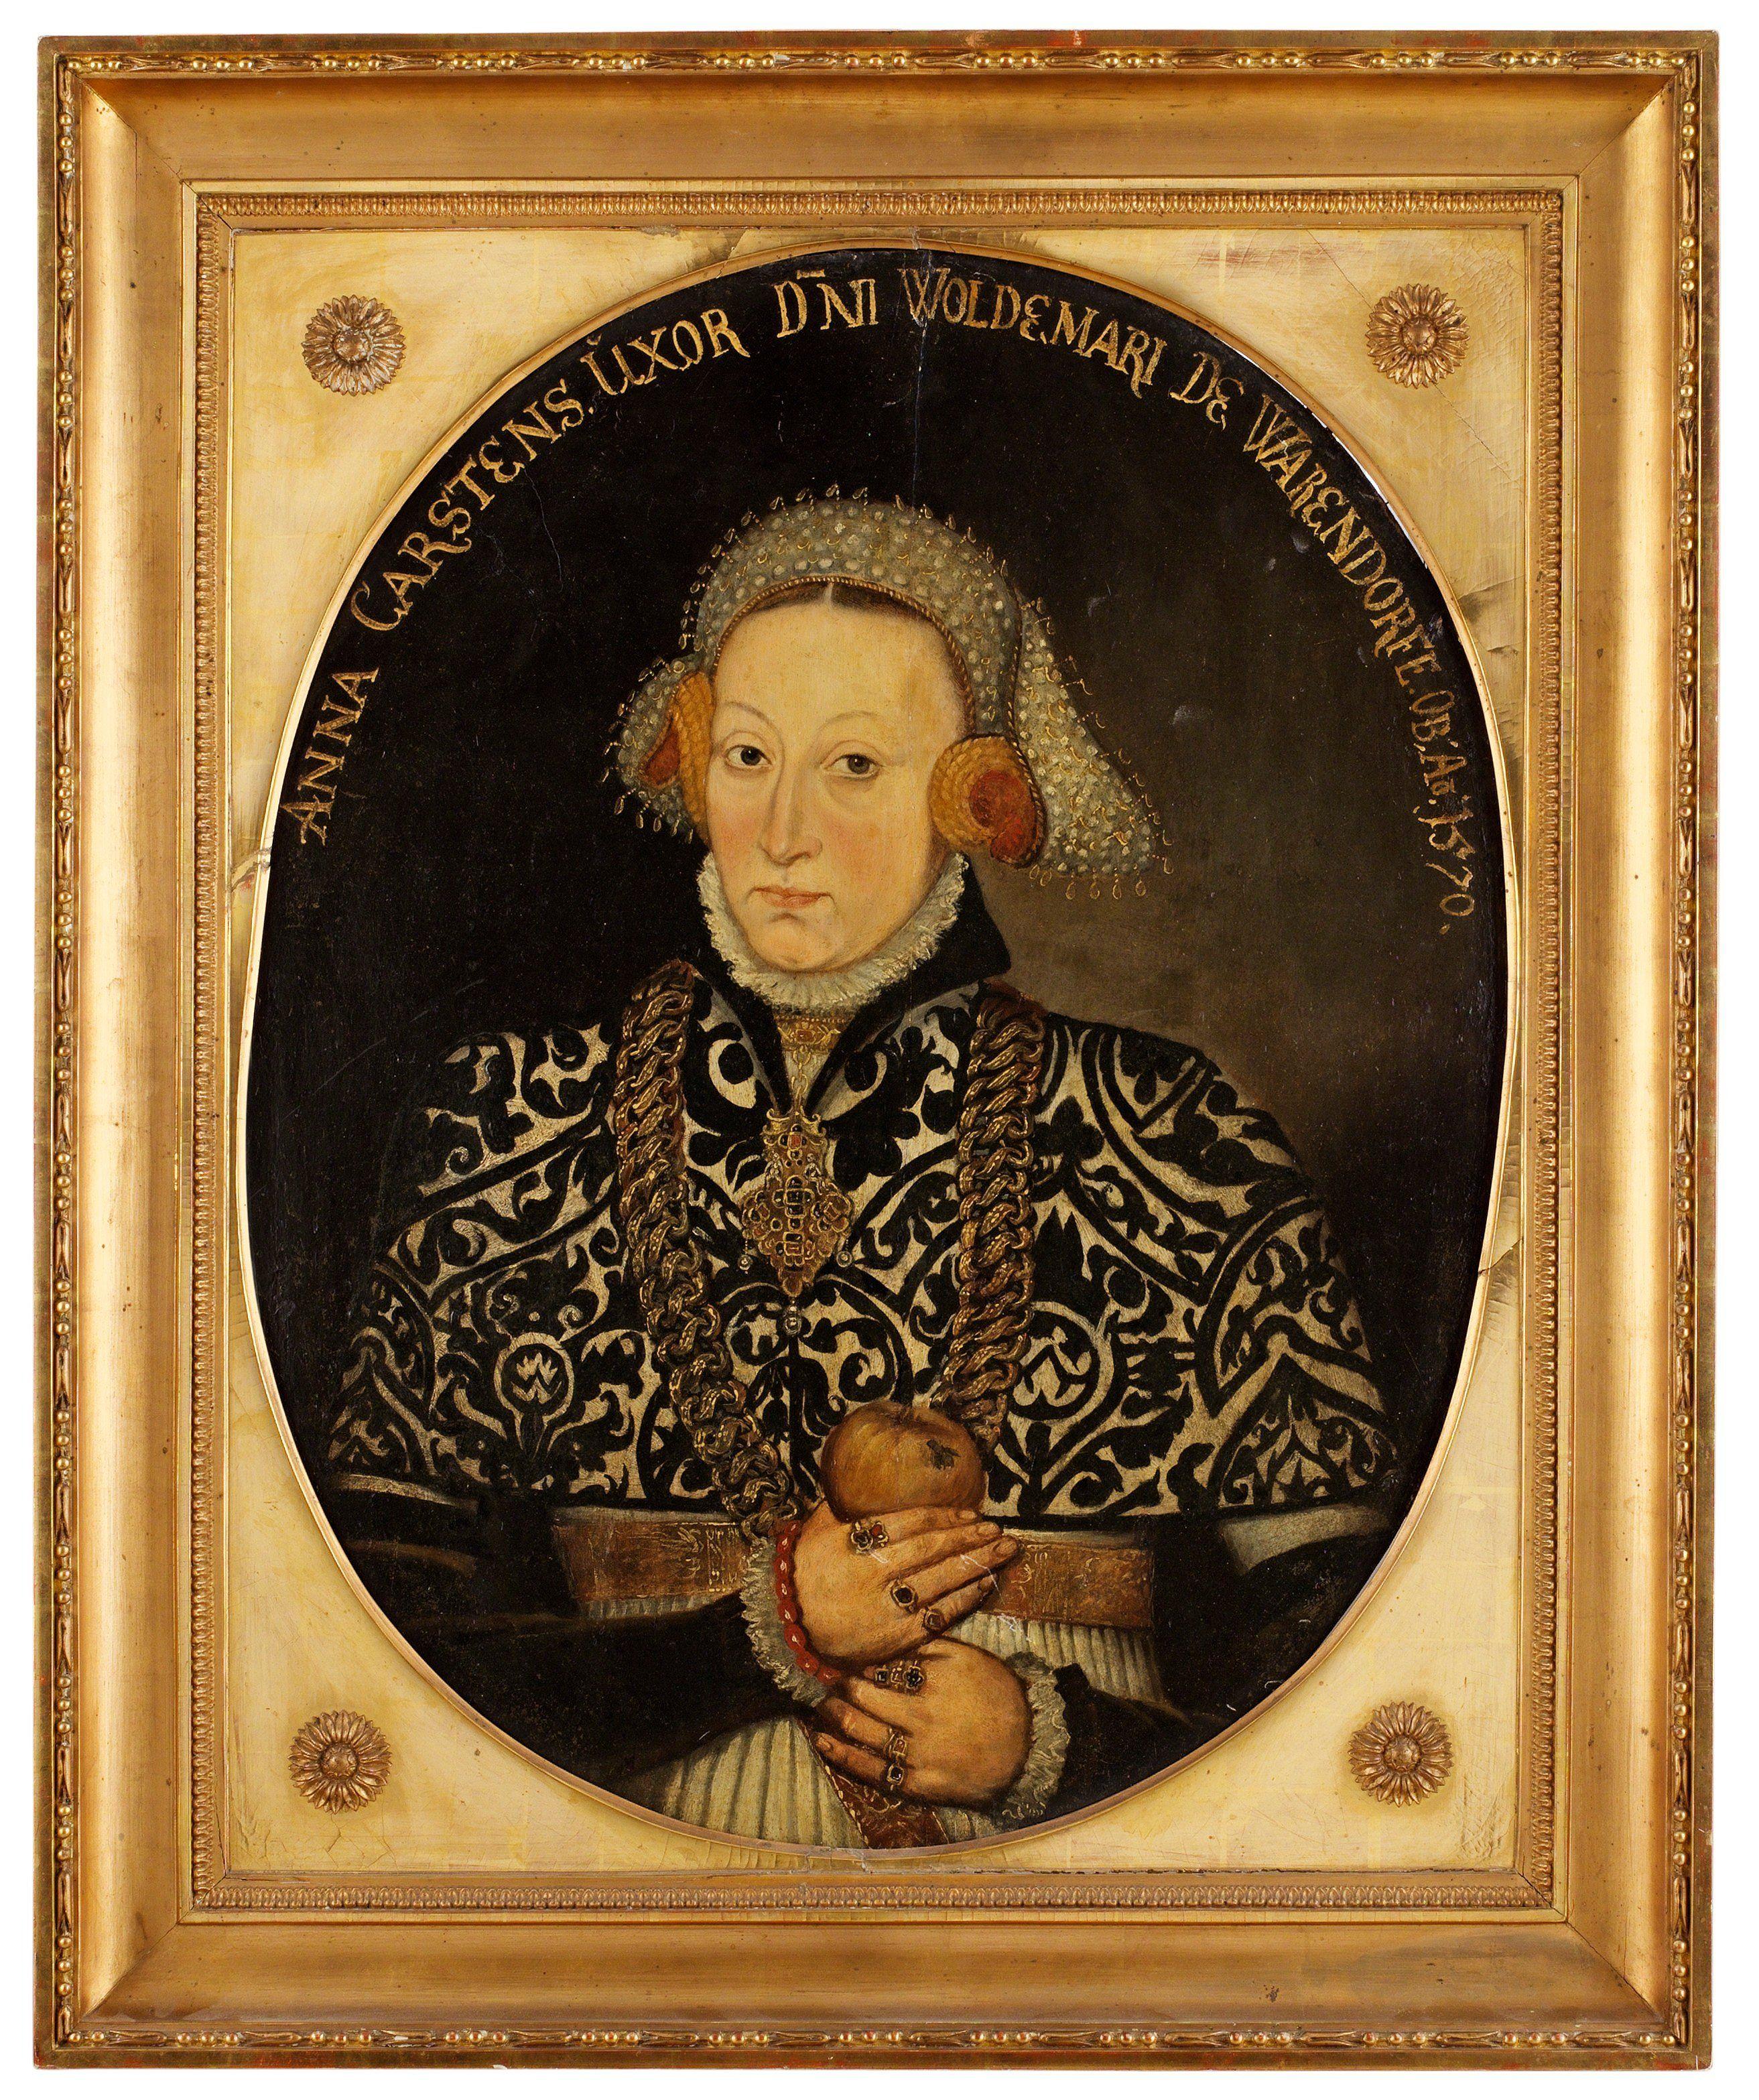 """Okänd konstnär 1500-tal """"Anna Carstens uxor dni Woldemari de Warendorfe Ob Ao 1570"""".    Pannå, oval 75 x 58 cm. Förgylld och bronserad sengustaviansk ram.  http://www.bukowskis.com/auctions/556/231-okand-konstnar-1500-tal-anna-carstens-uxor-dni-woldemari-de-warendorfe-ob-ao-1570?category[]=97"""